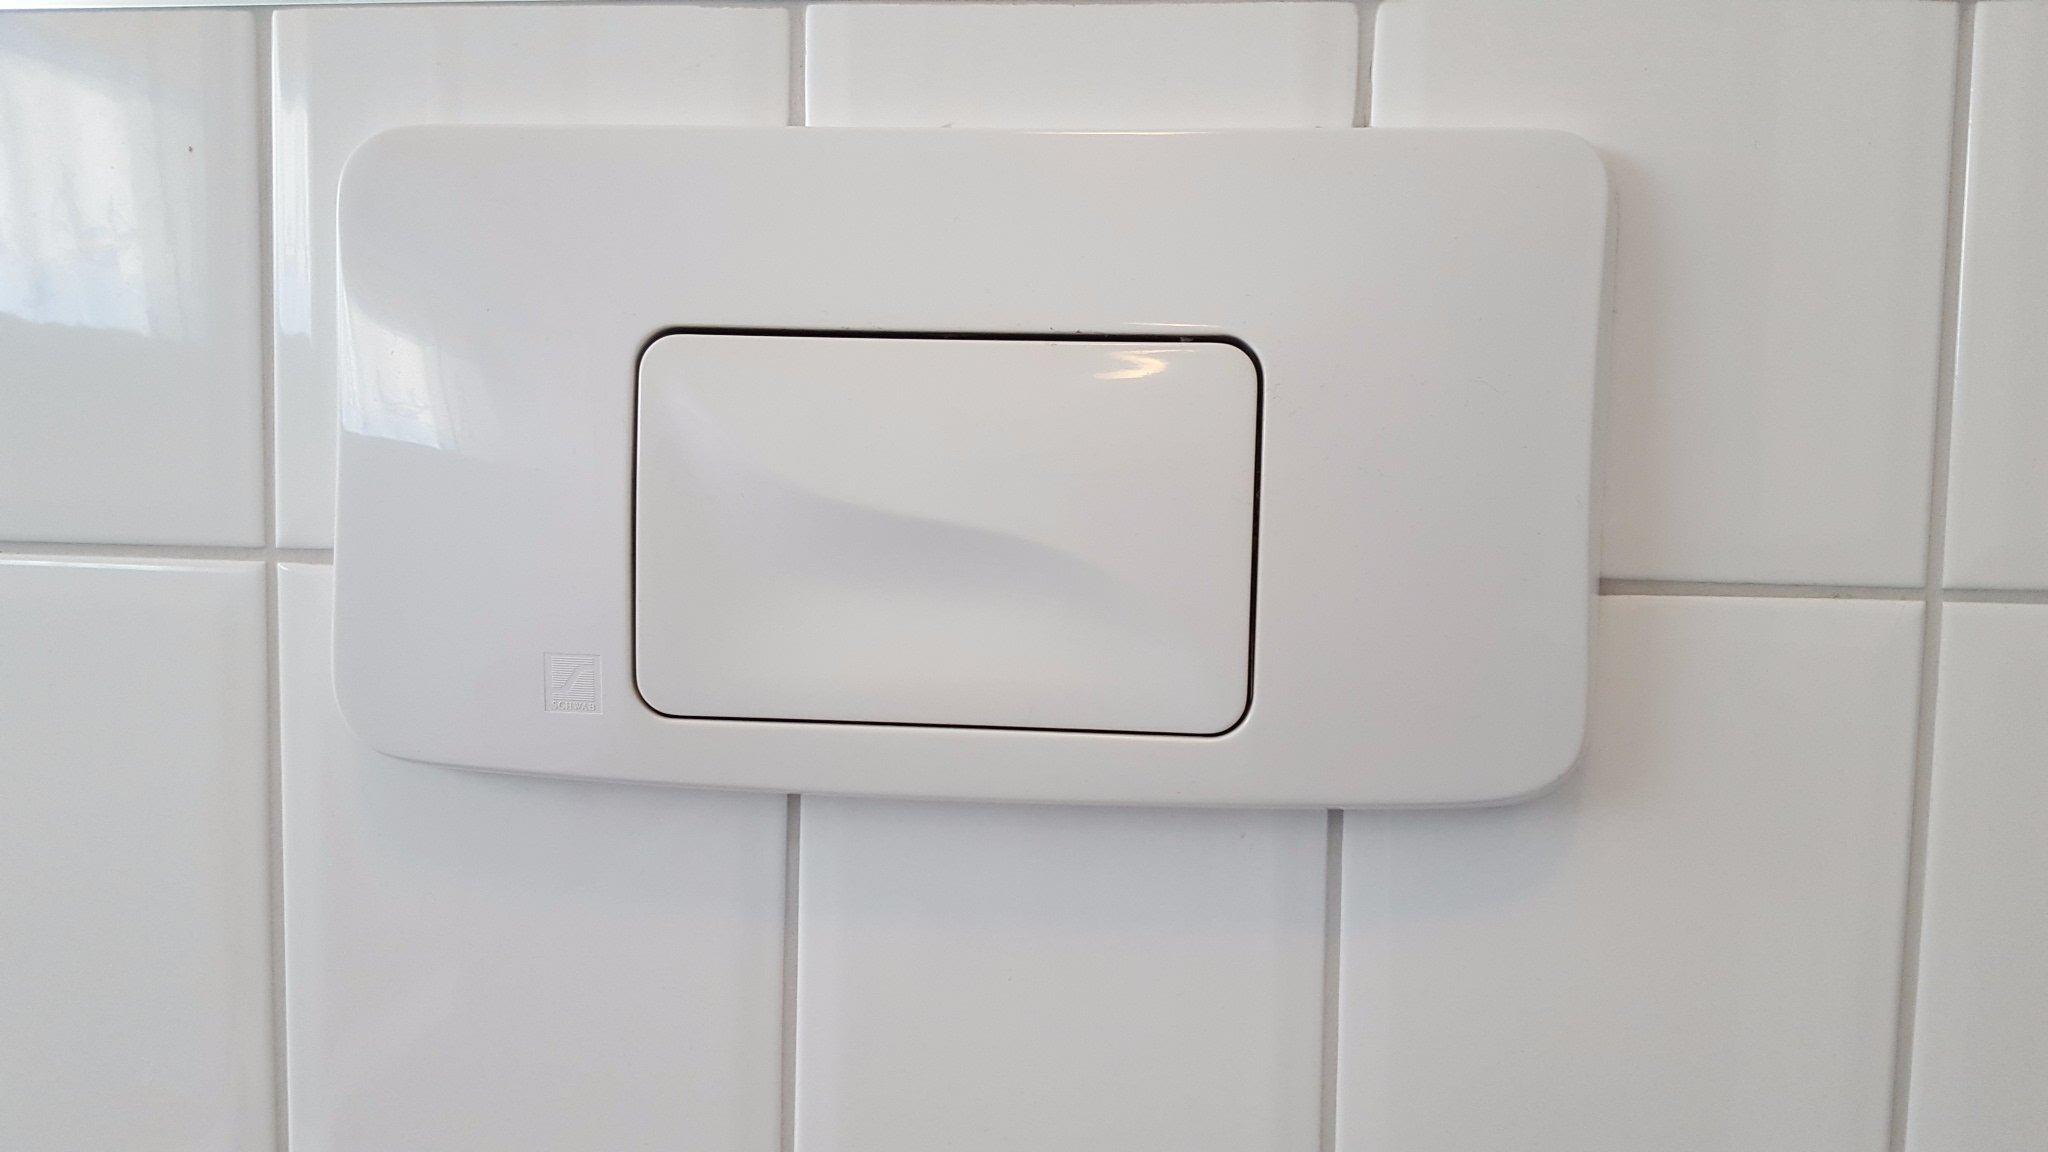 Rioollucht uit inbouwreservoir toilet - Werkspot